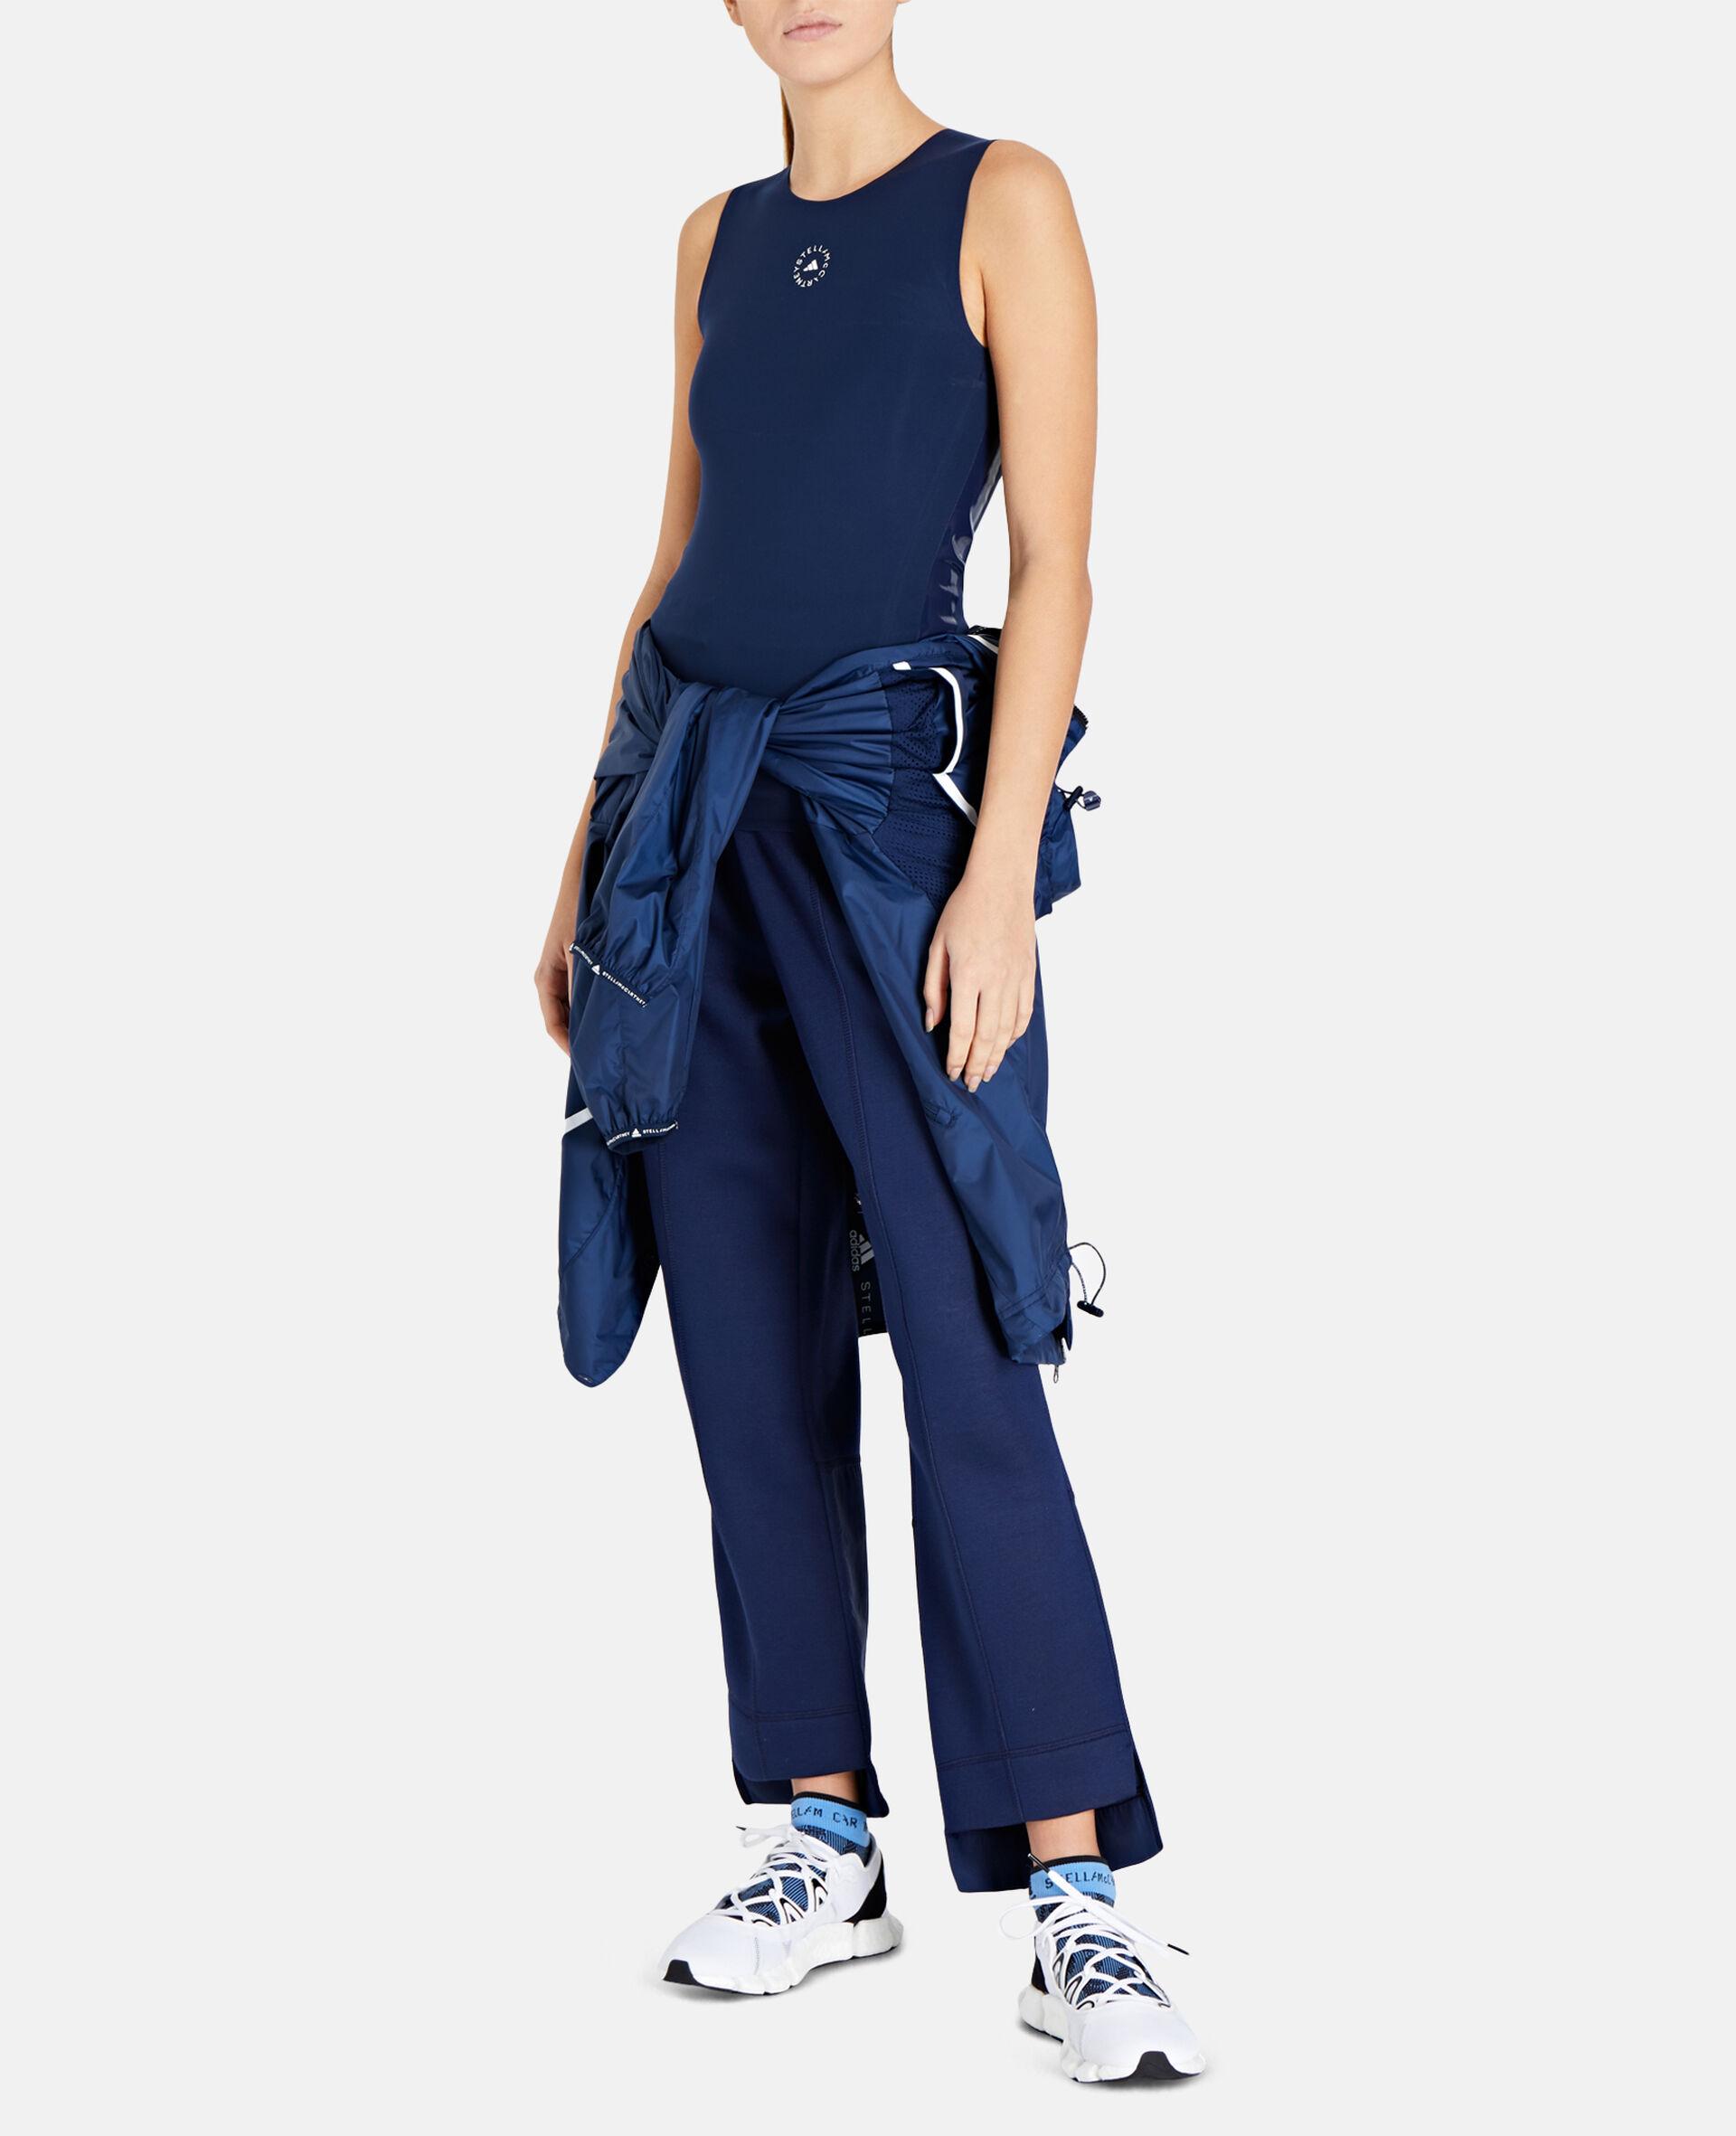 Blue Training Vest-Blue-large image number 1